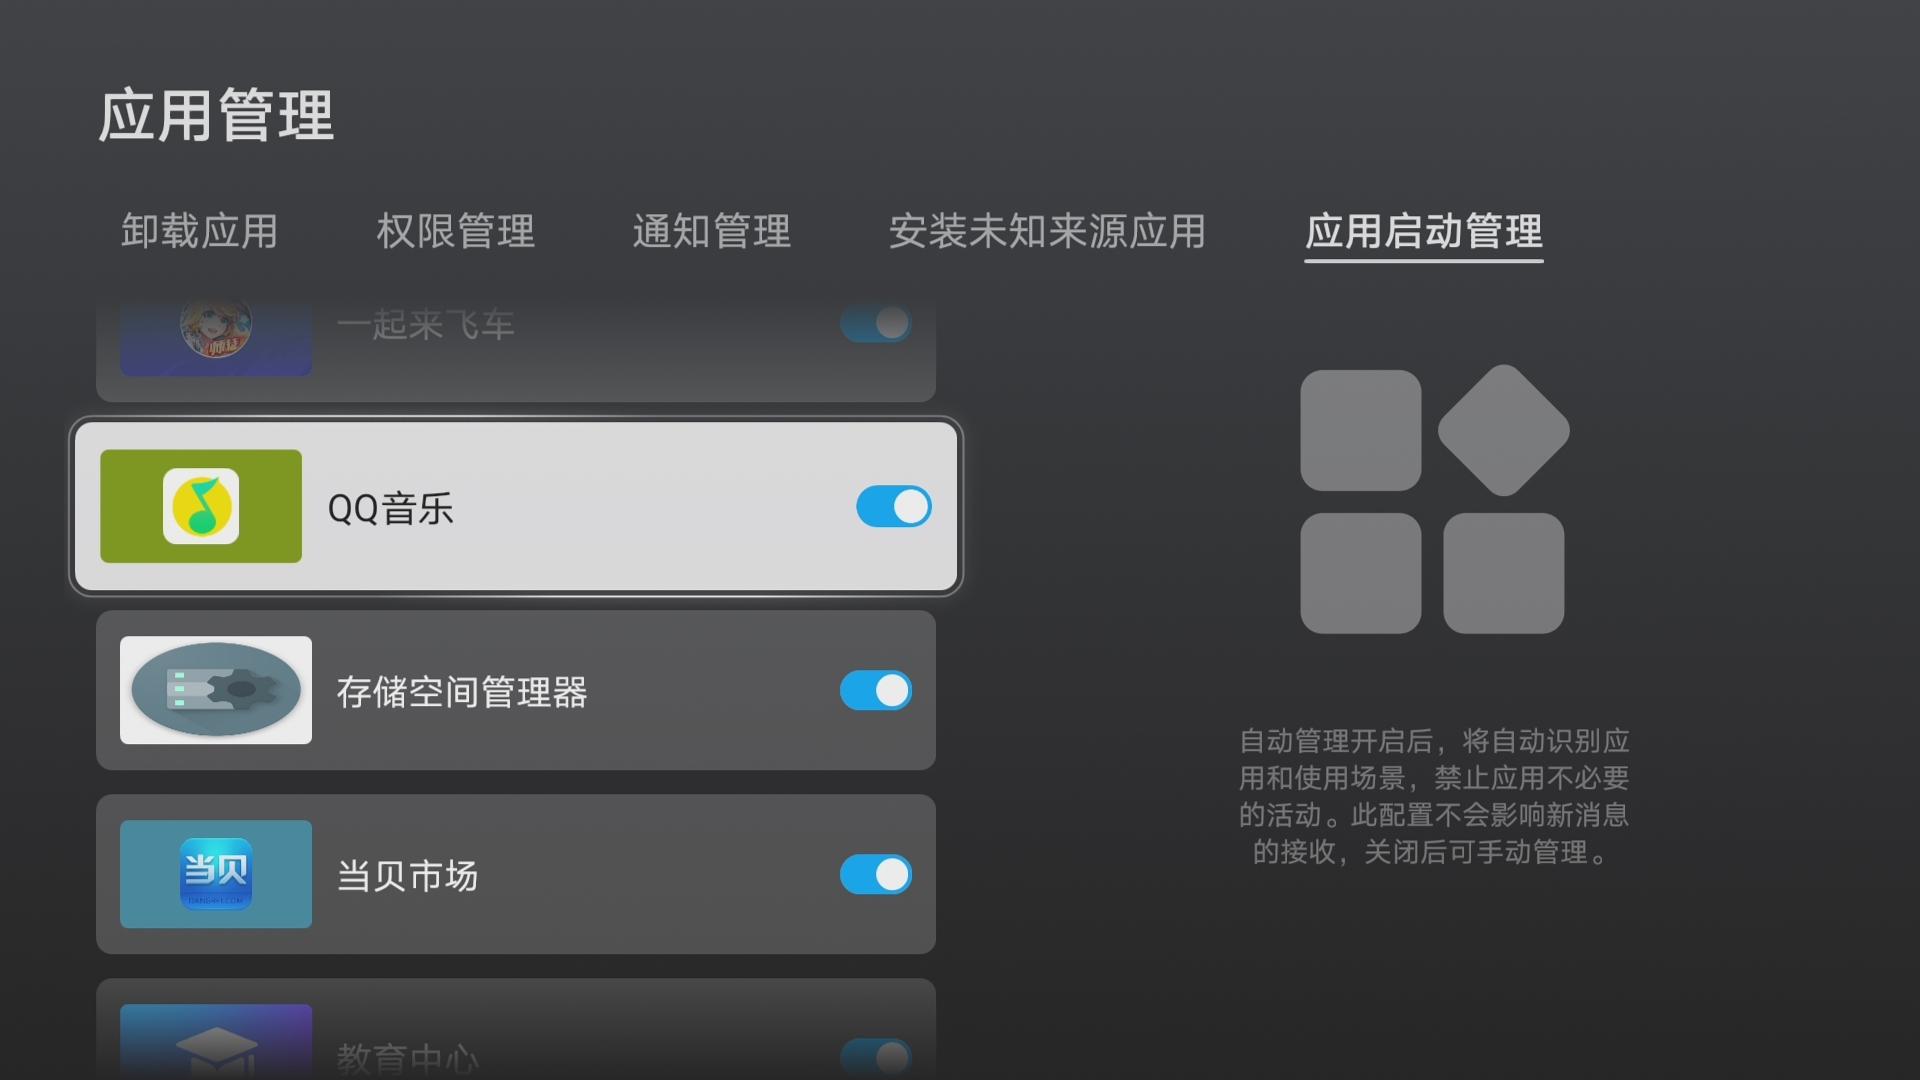 screenshot_20210202114808847.jpg